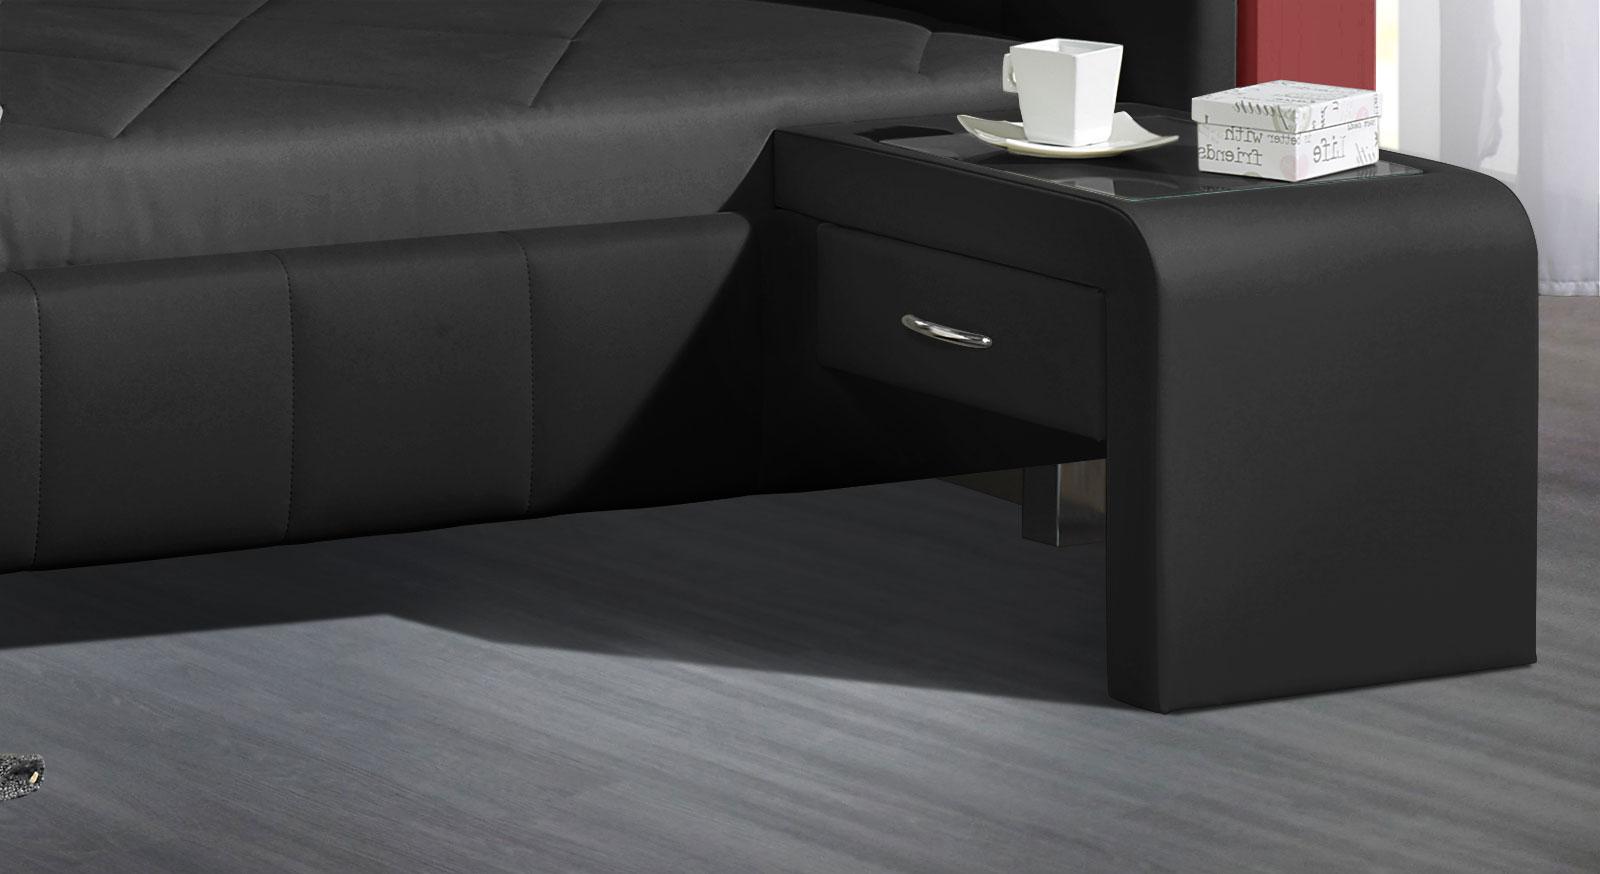 Einhängekonsole Nuca aus Kunstleder in Schwarz